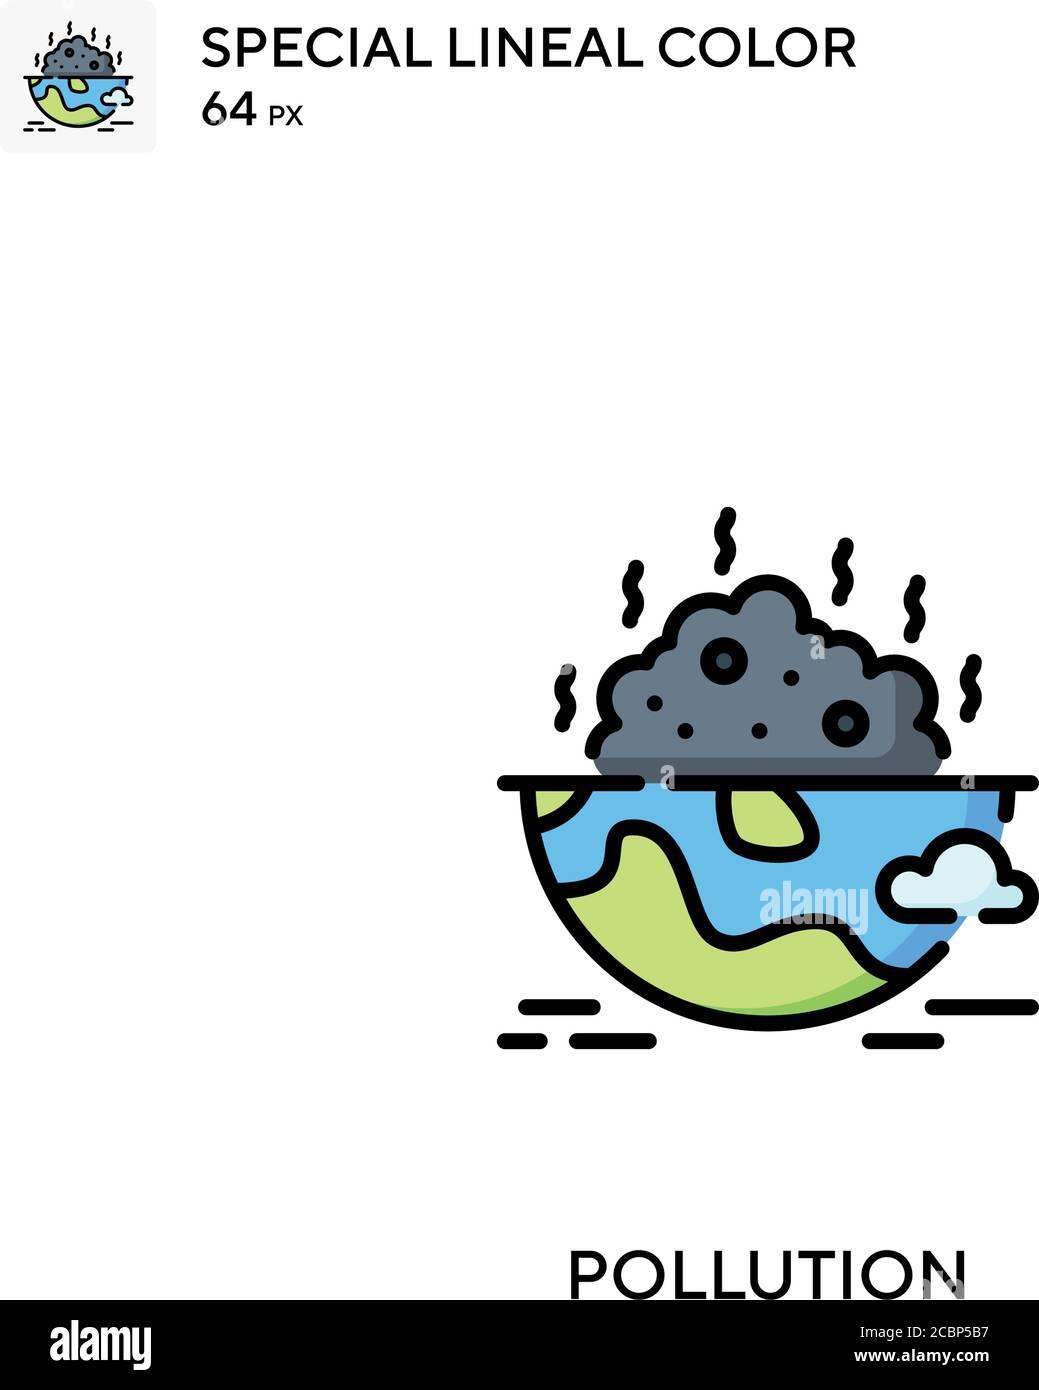 Contaminación icono de vector de color lineal especial. Iconos de contaminación para su proyecto de negocio Ilustración del Vector